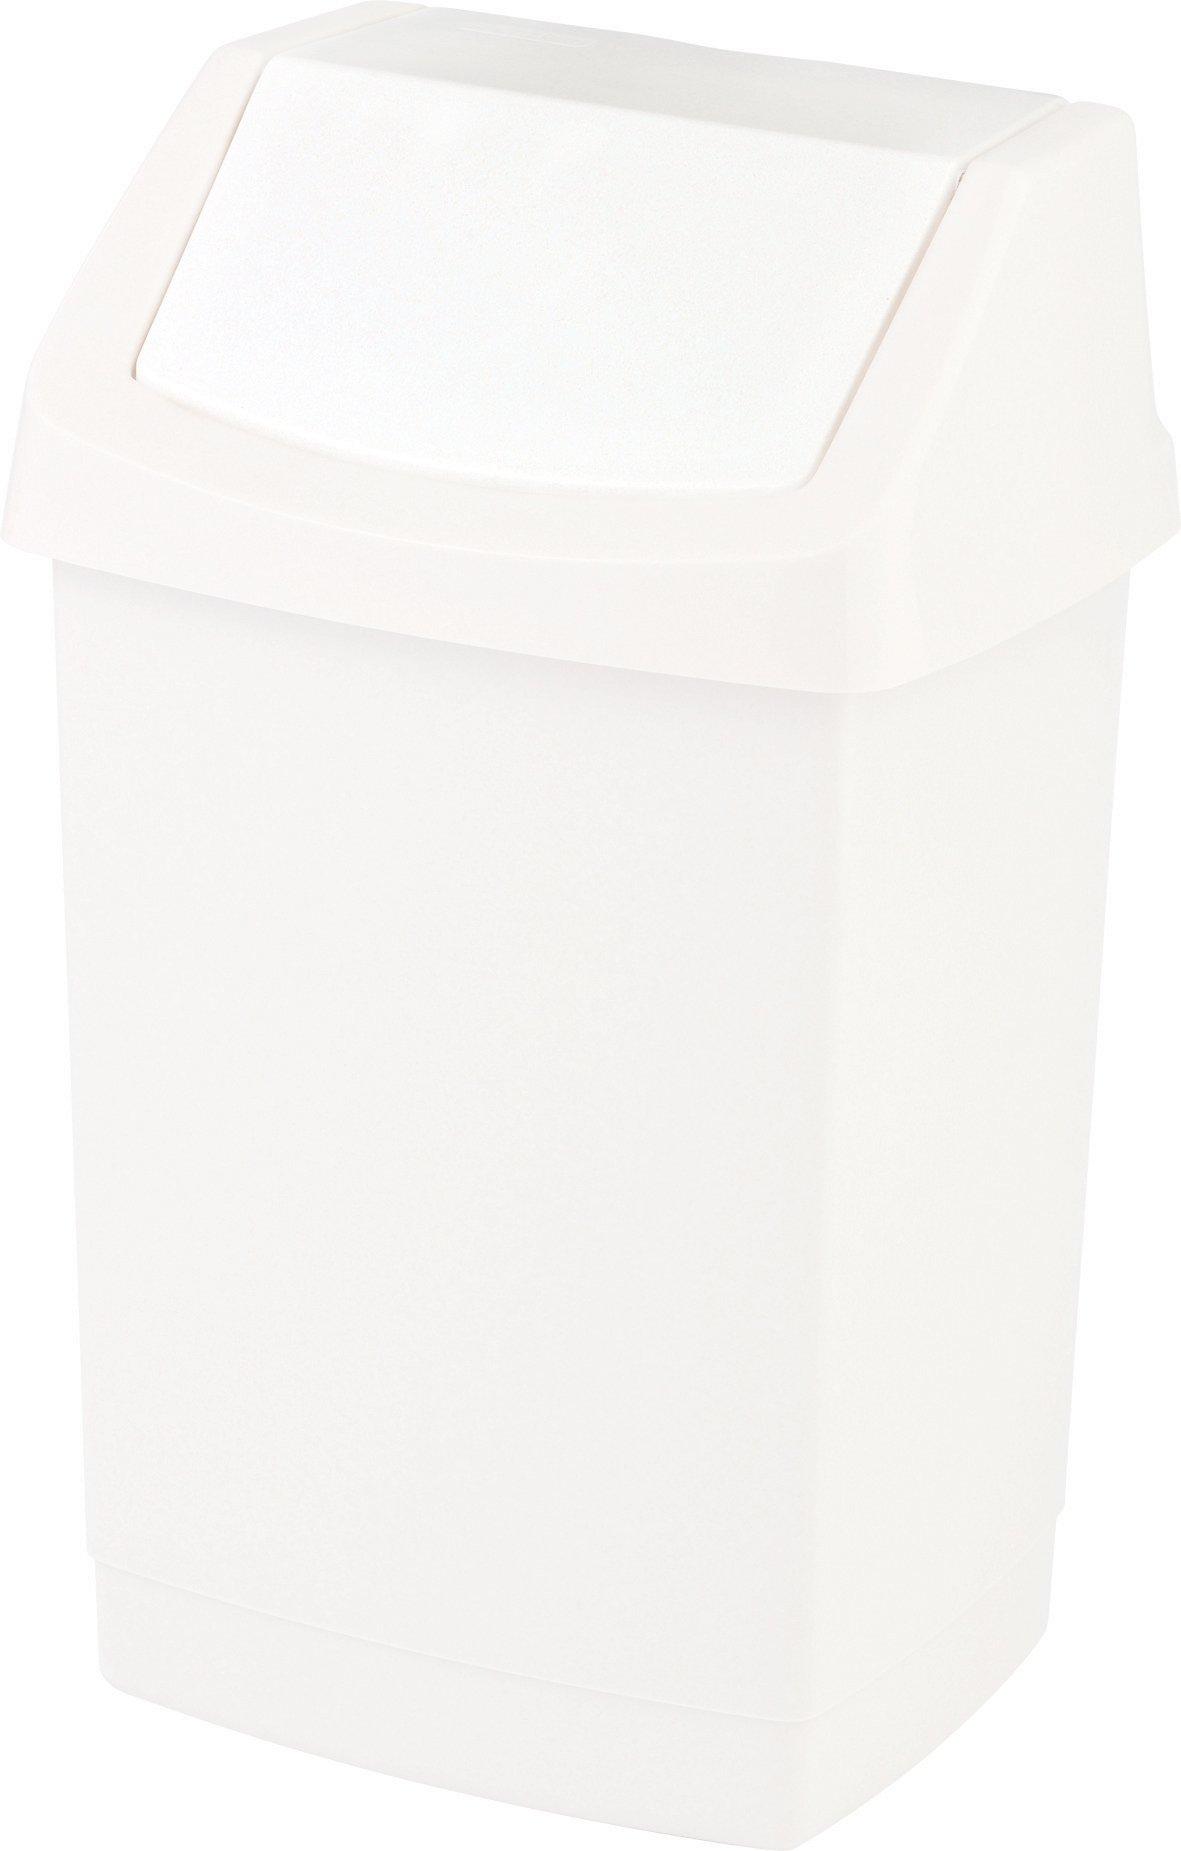 Curver odpadkový koš, CLICK-IT, bílý, 15l